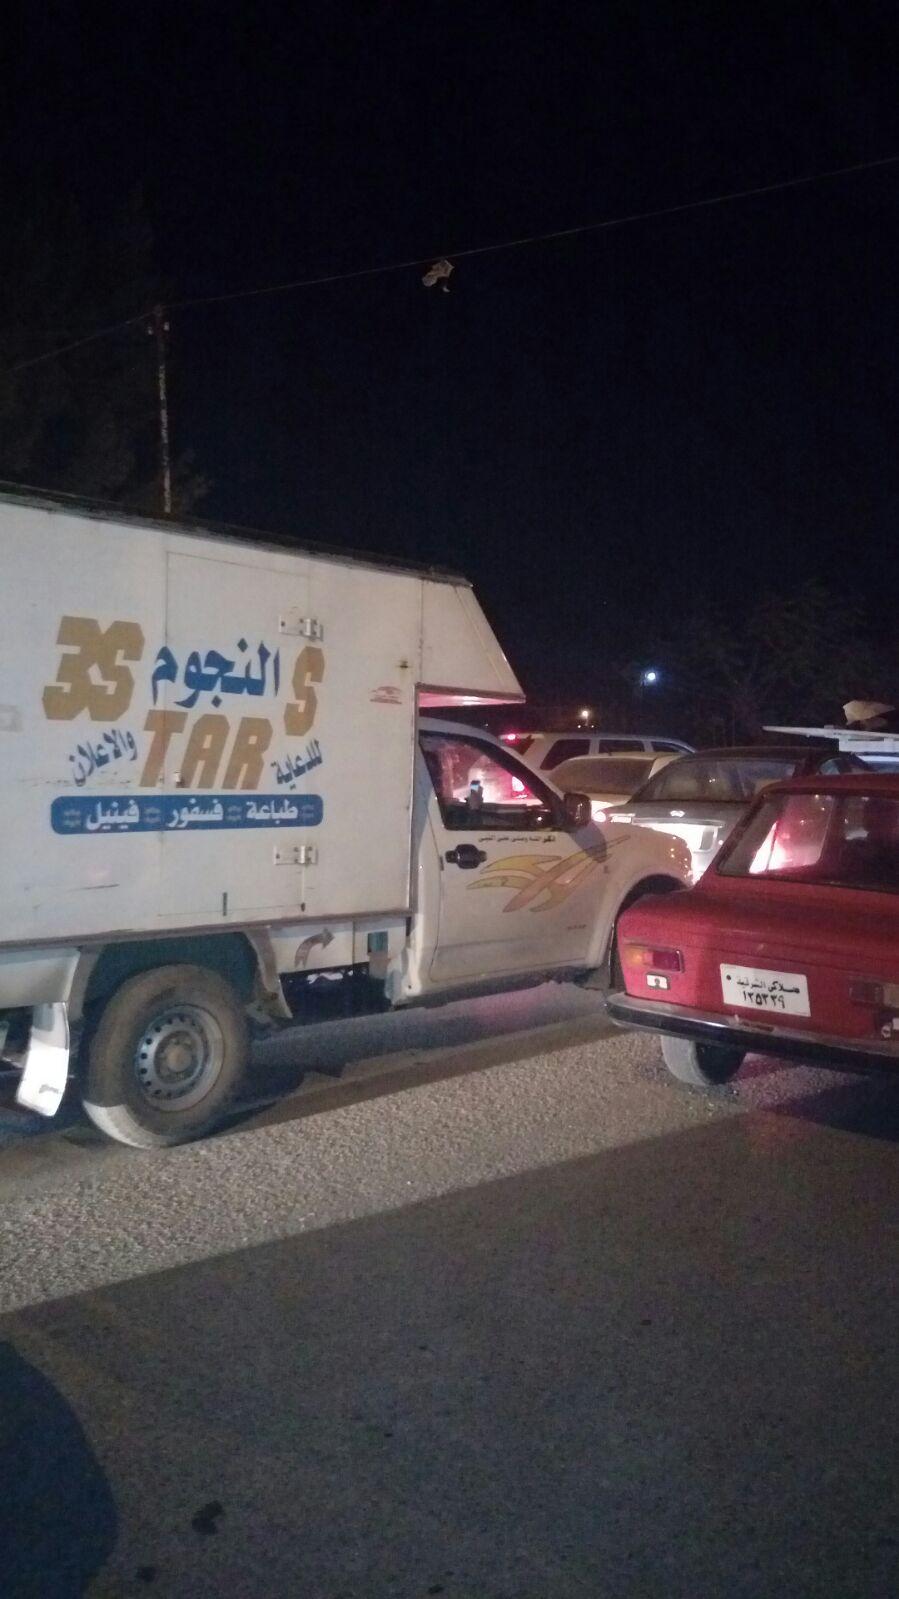 بالصور.. 50 دقيقة دون حركة.. شلل مروري على طريق ههيا الزقازيق